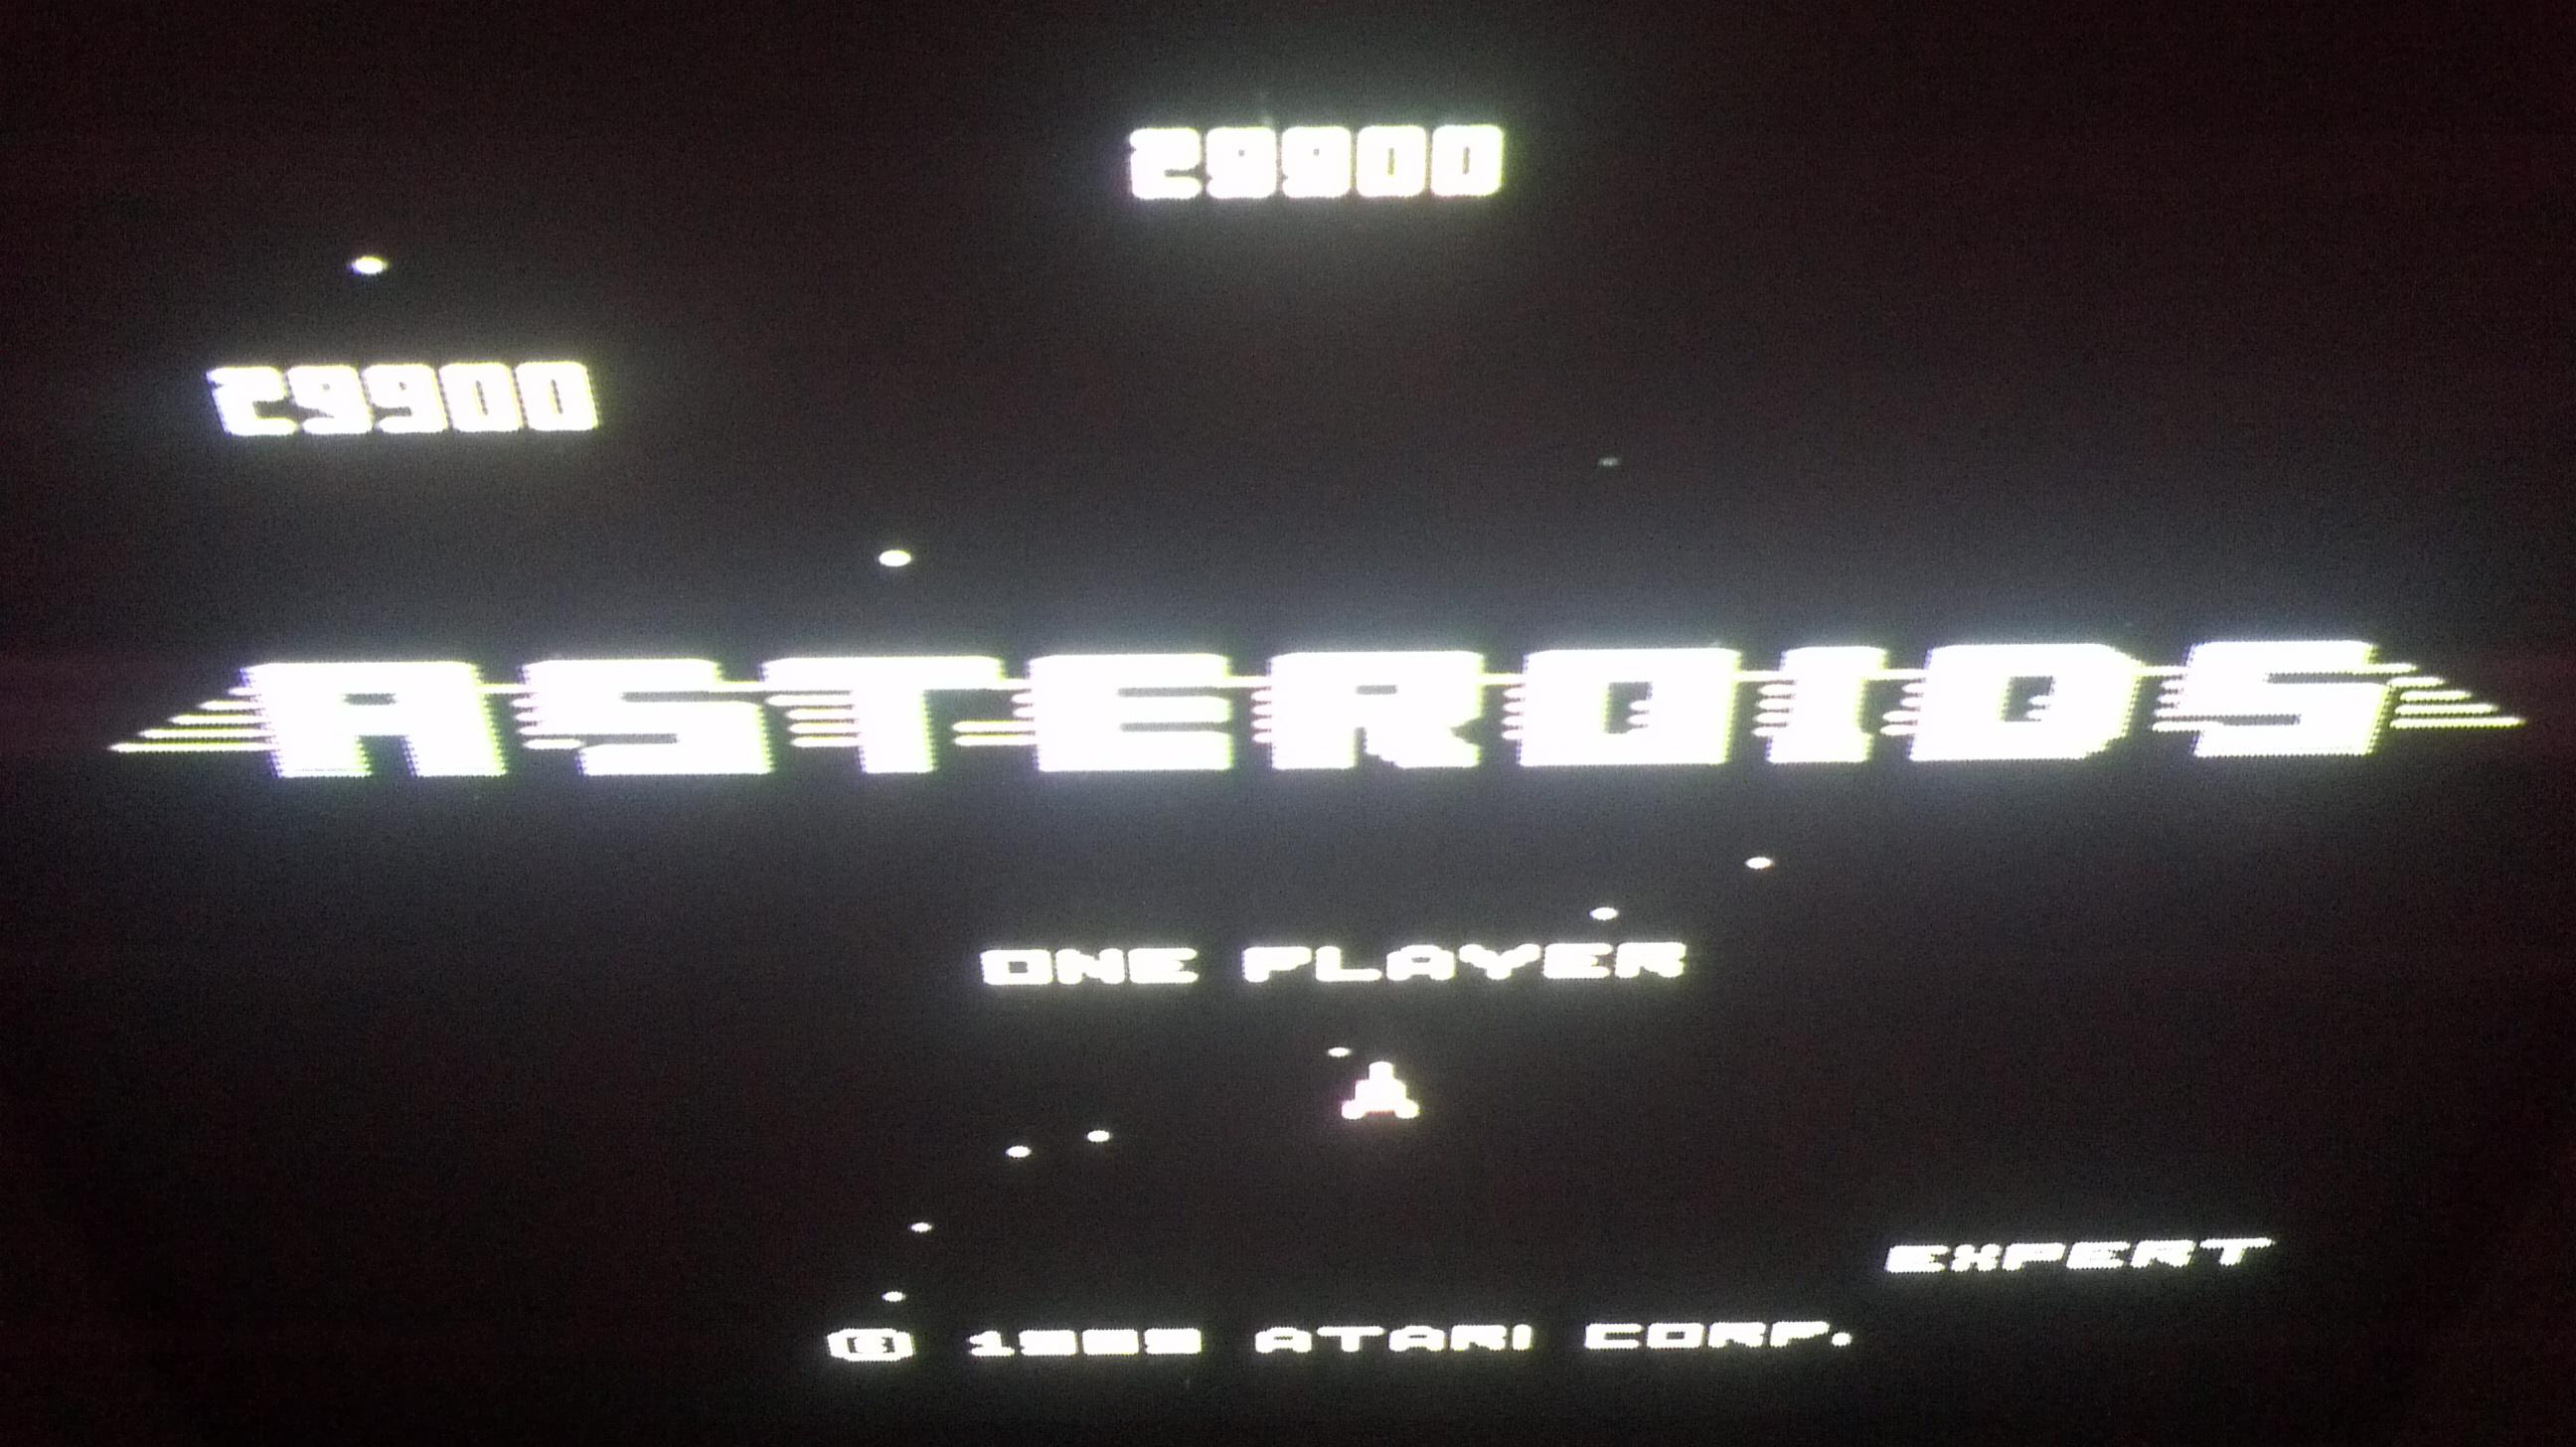 Liduario: Asteroids: Expert (Atari 7800) 29,900 points on 2014-05-27 19:32:09